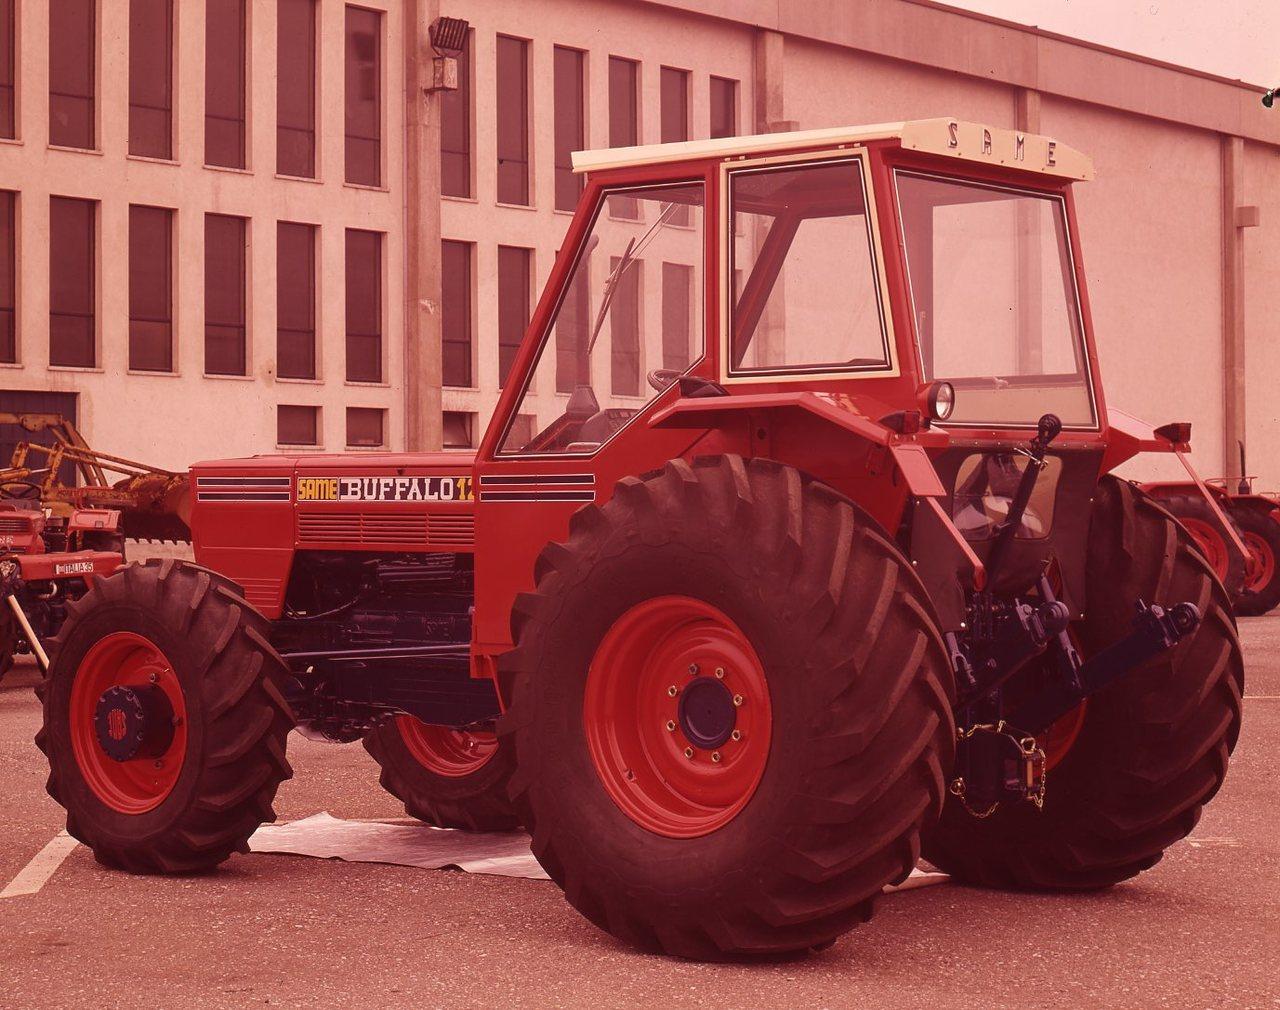 [SAME] Buffalo cabinato - marzo '72